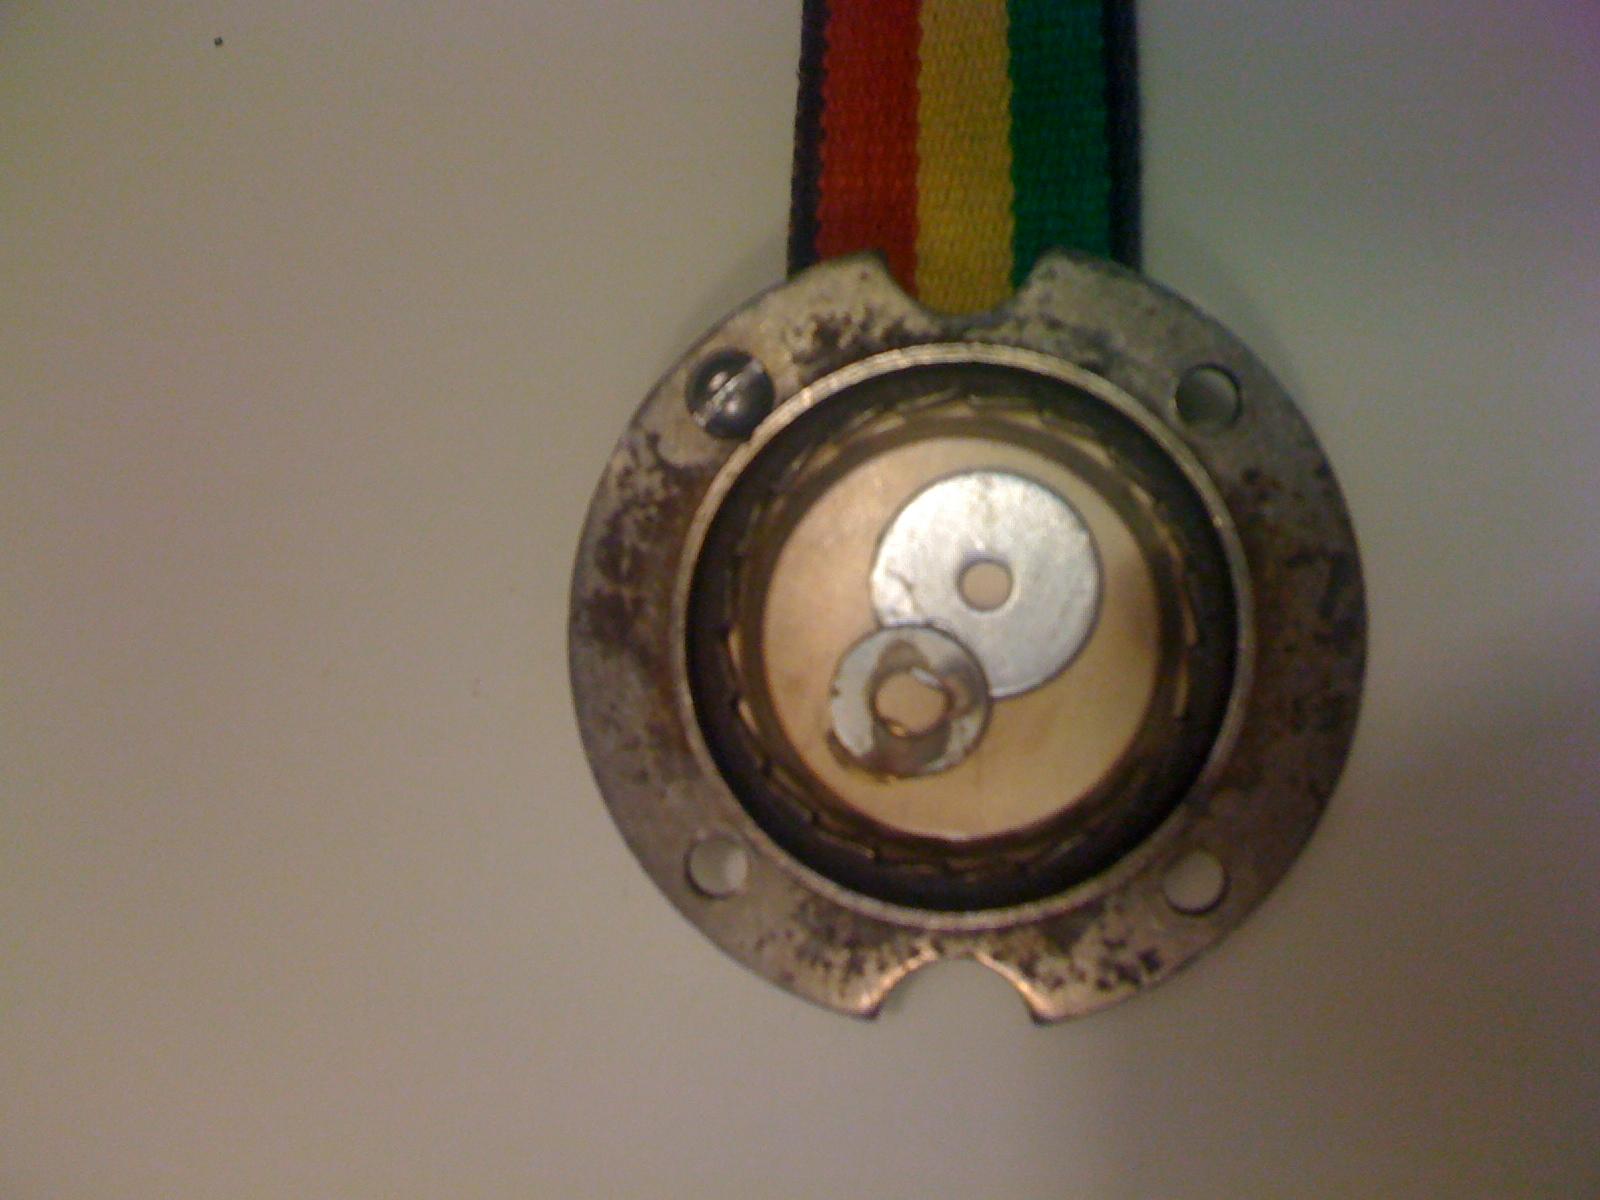 D-I-Y Steampunk Belt Buckle